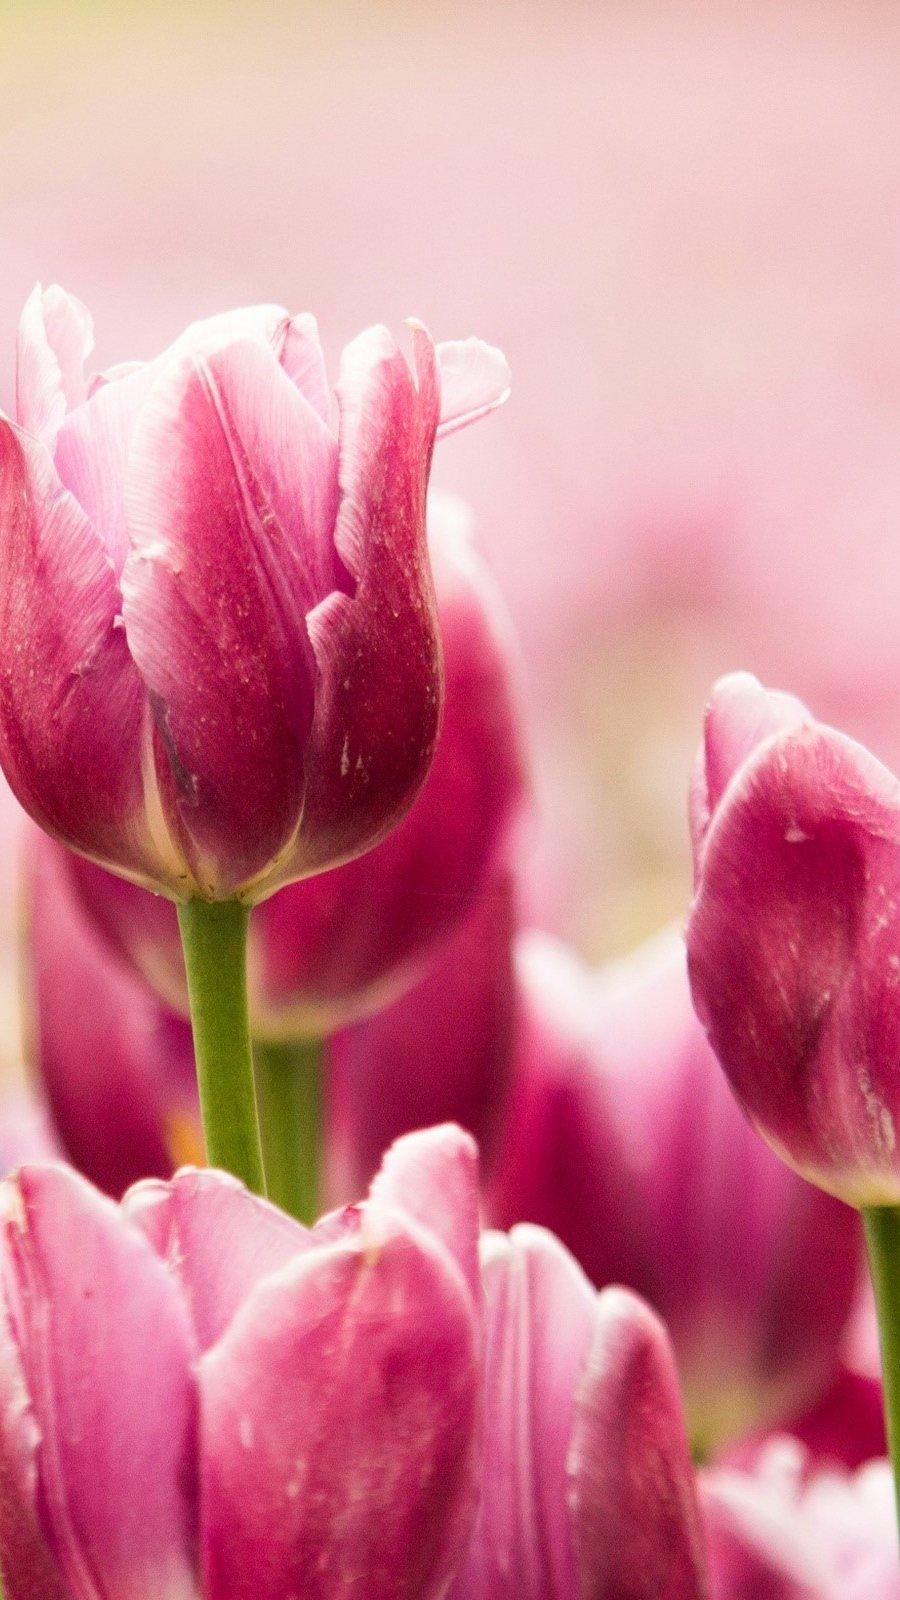 Wallpaper Garden of pink tulips Vertical